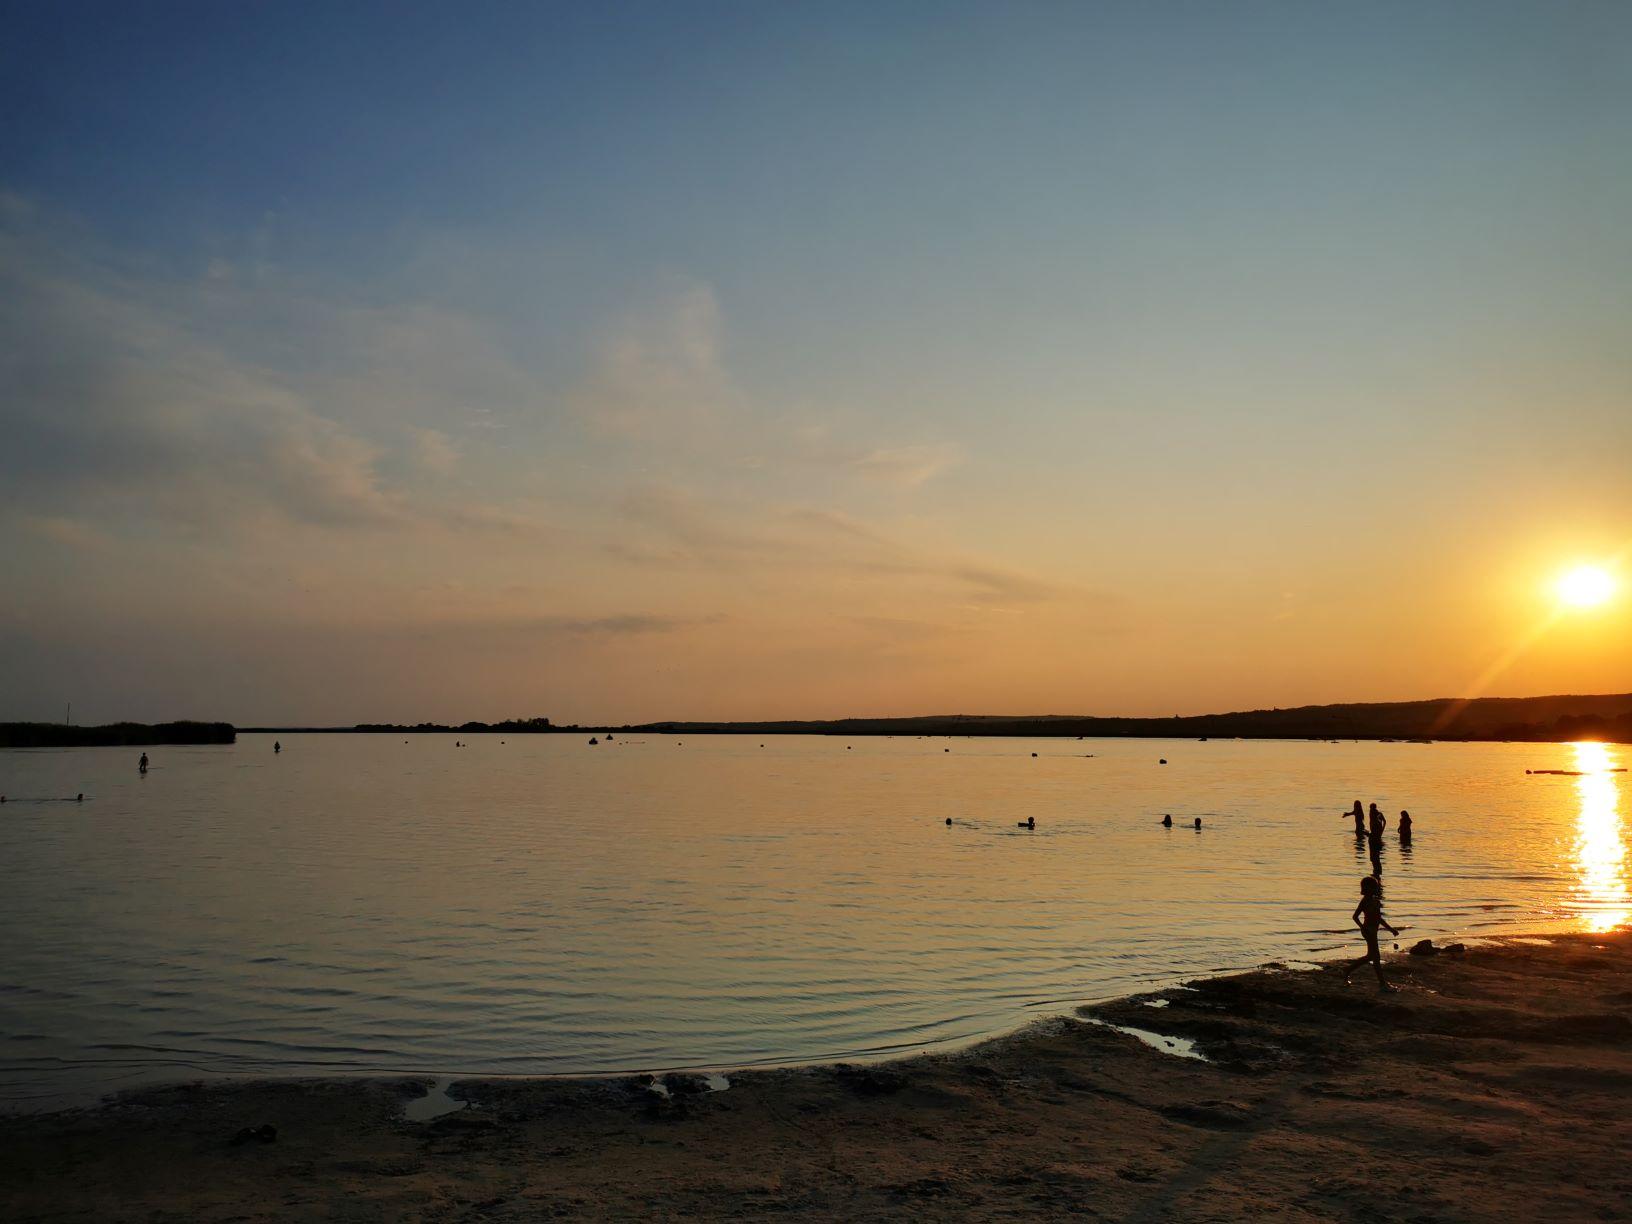 Velencei-tó: A velencei Korzó homokos strandján most is lehet fürdeni